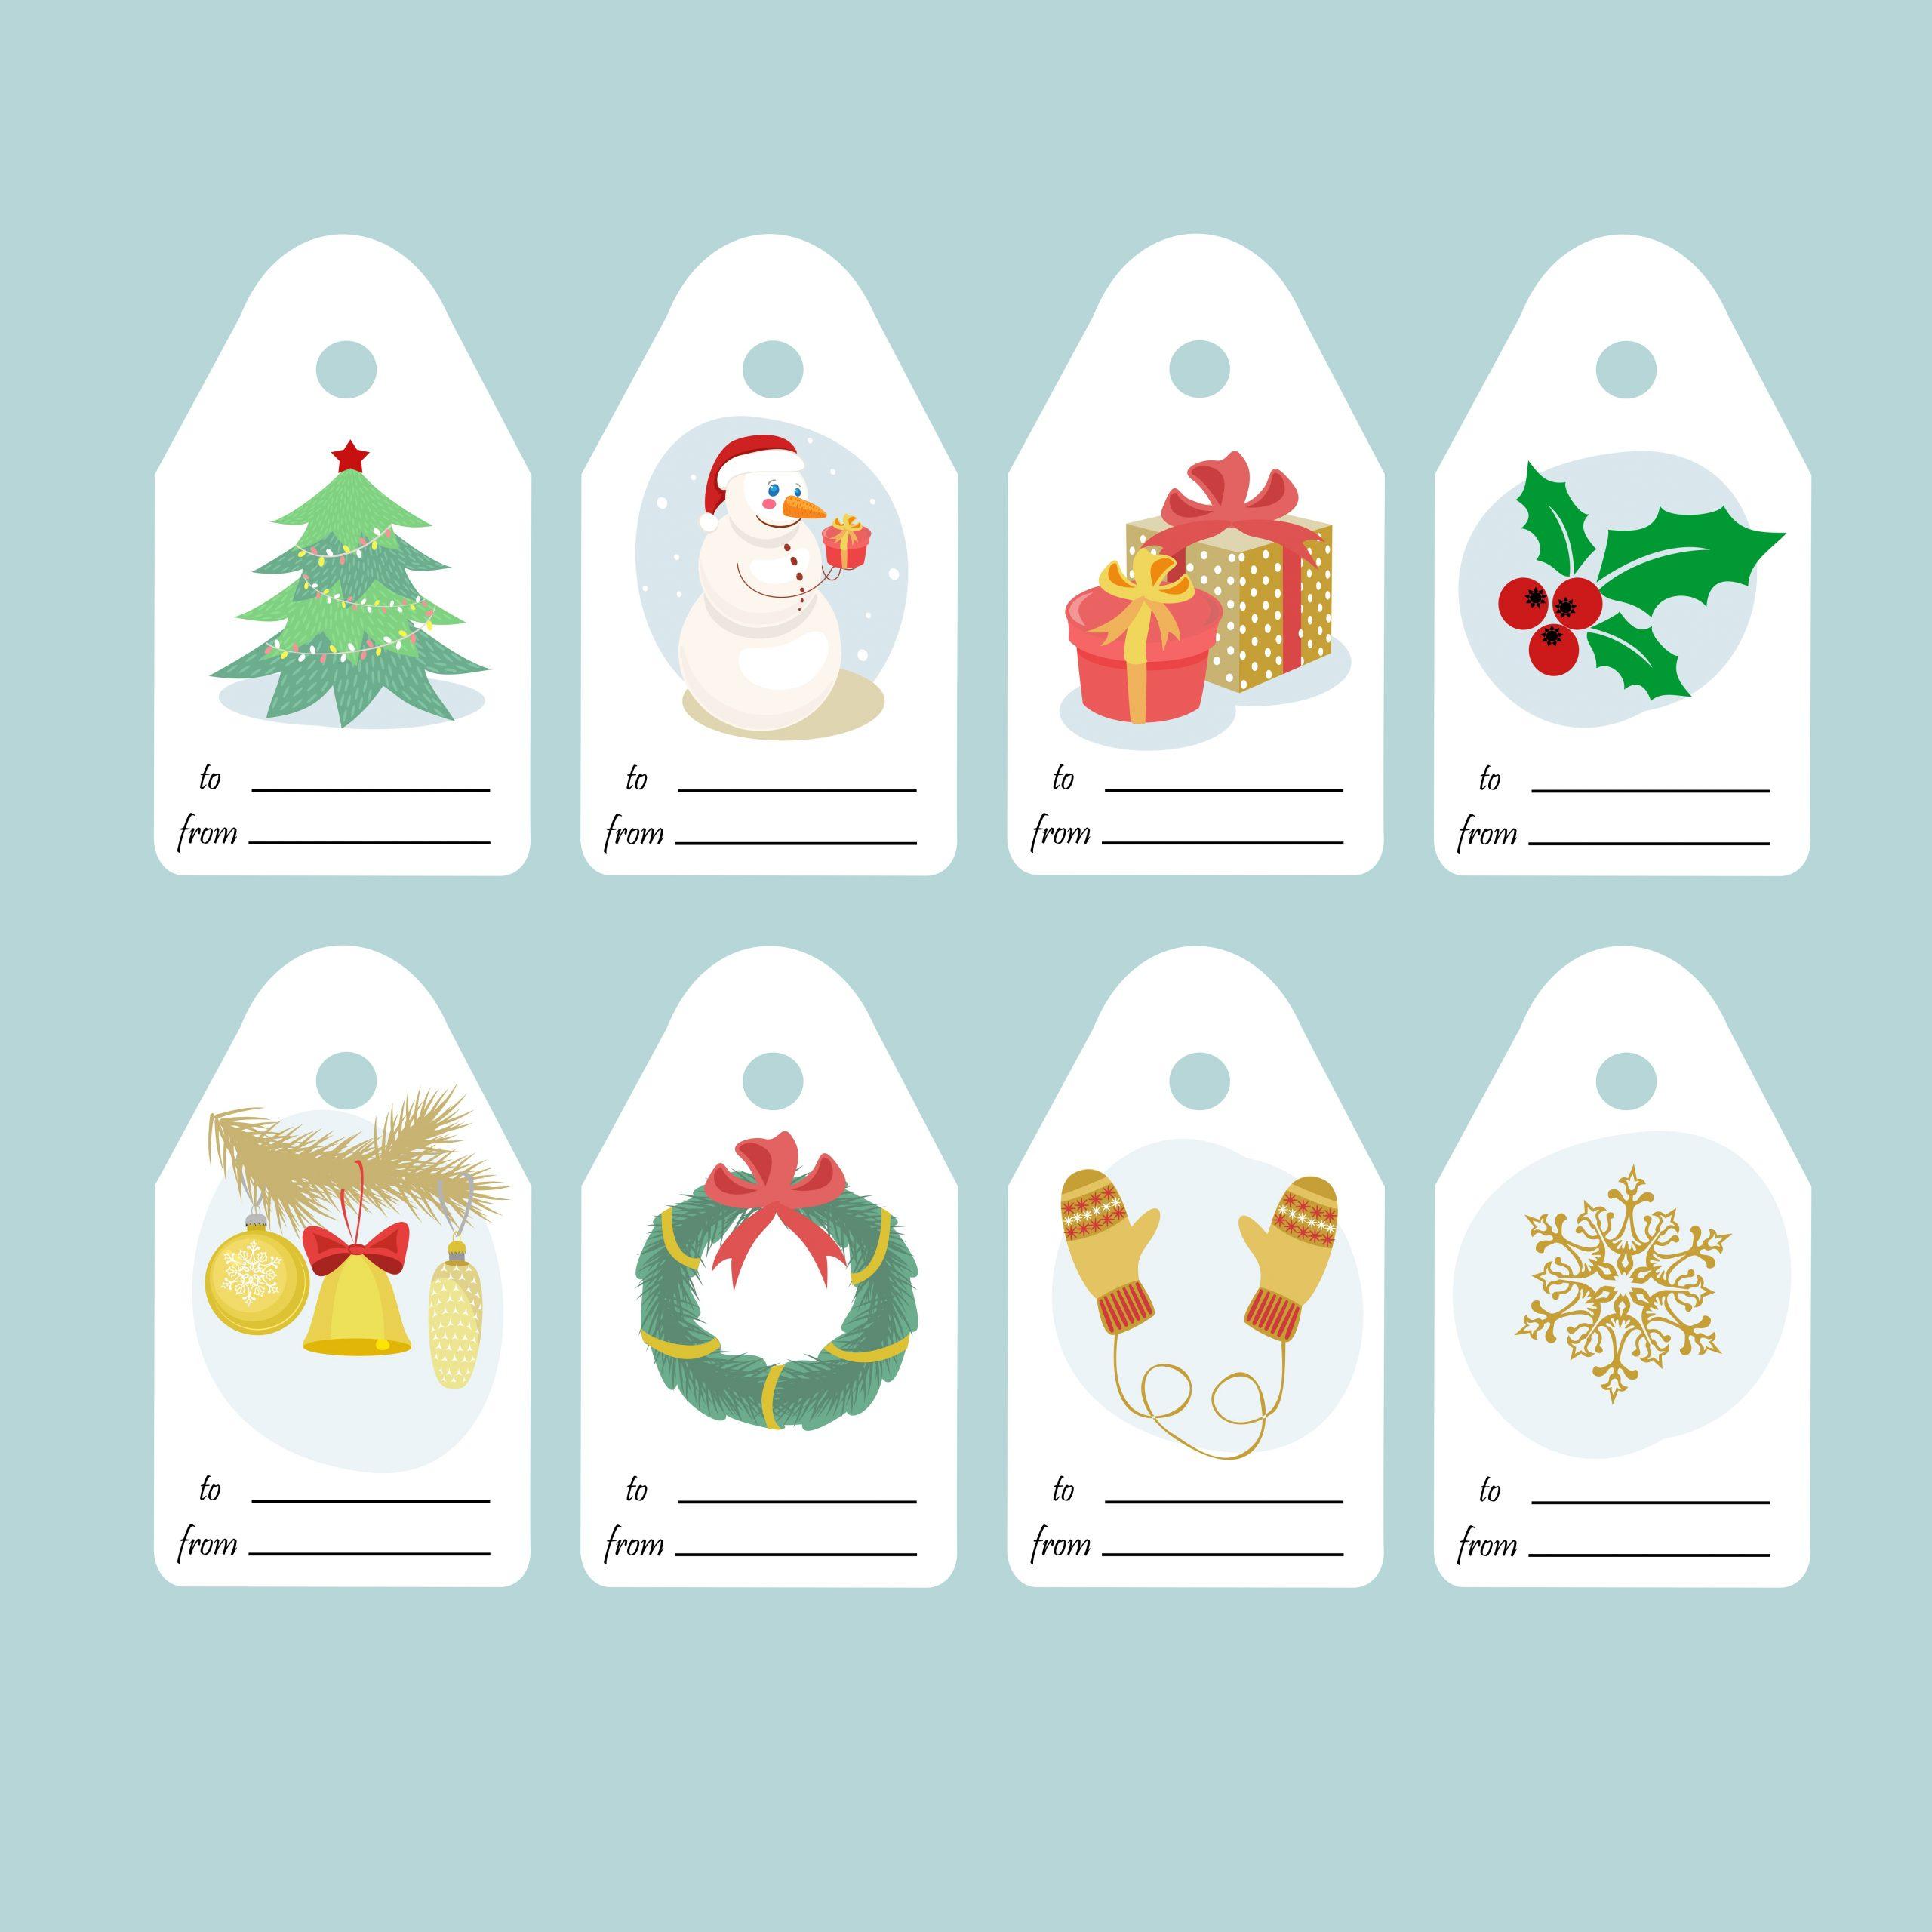 Etiquettes Cadeau De Noël À Imprimer - Un Max D'idées concernant Etiquette Pour Cadeau De Noel